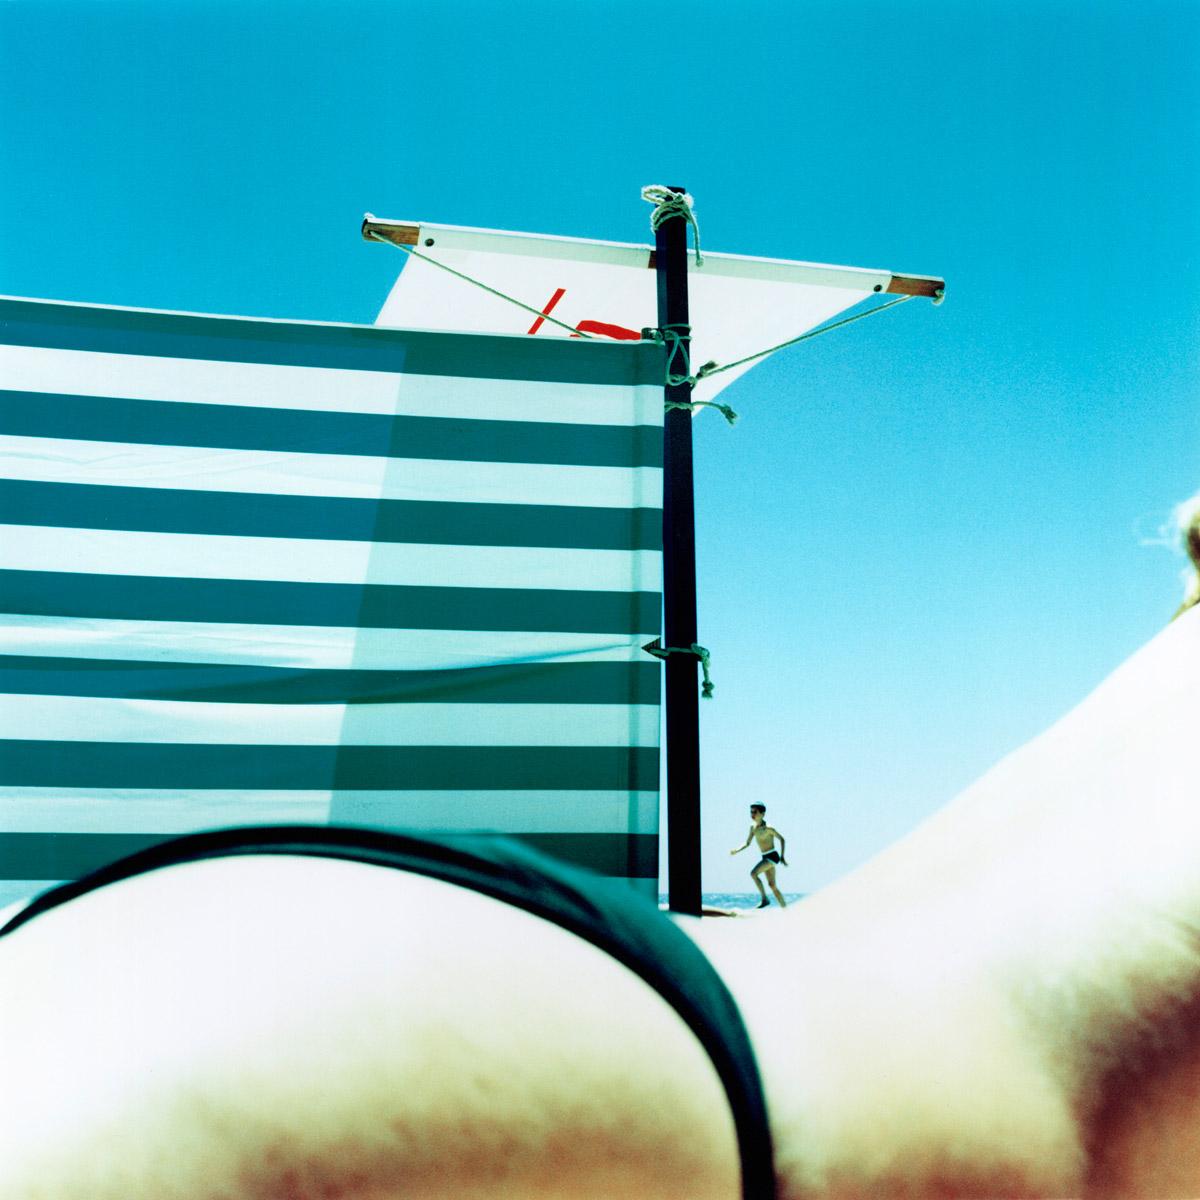 Schnappschuss: Der Pool als Metapher